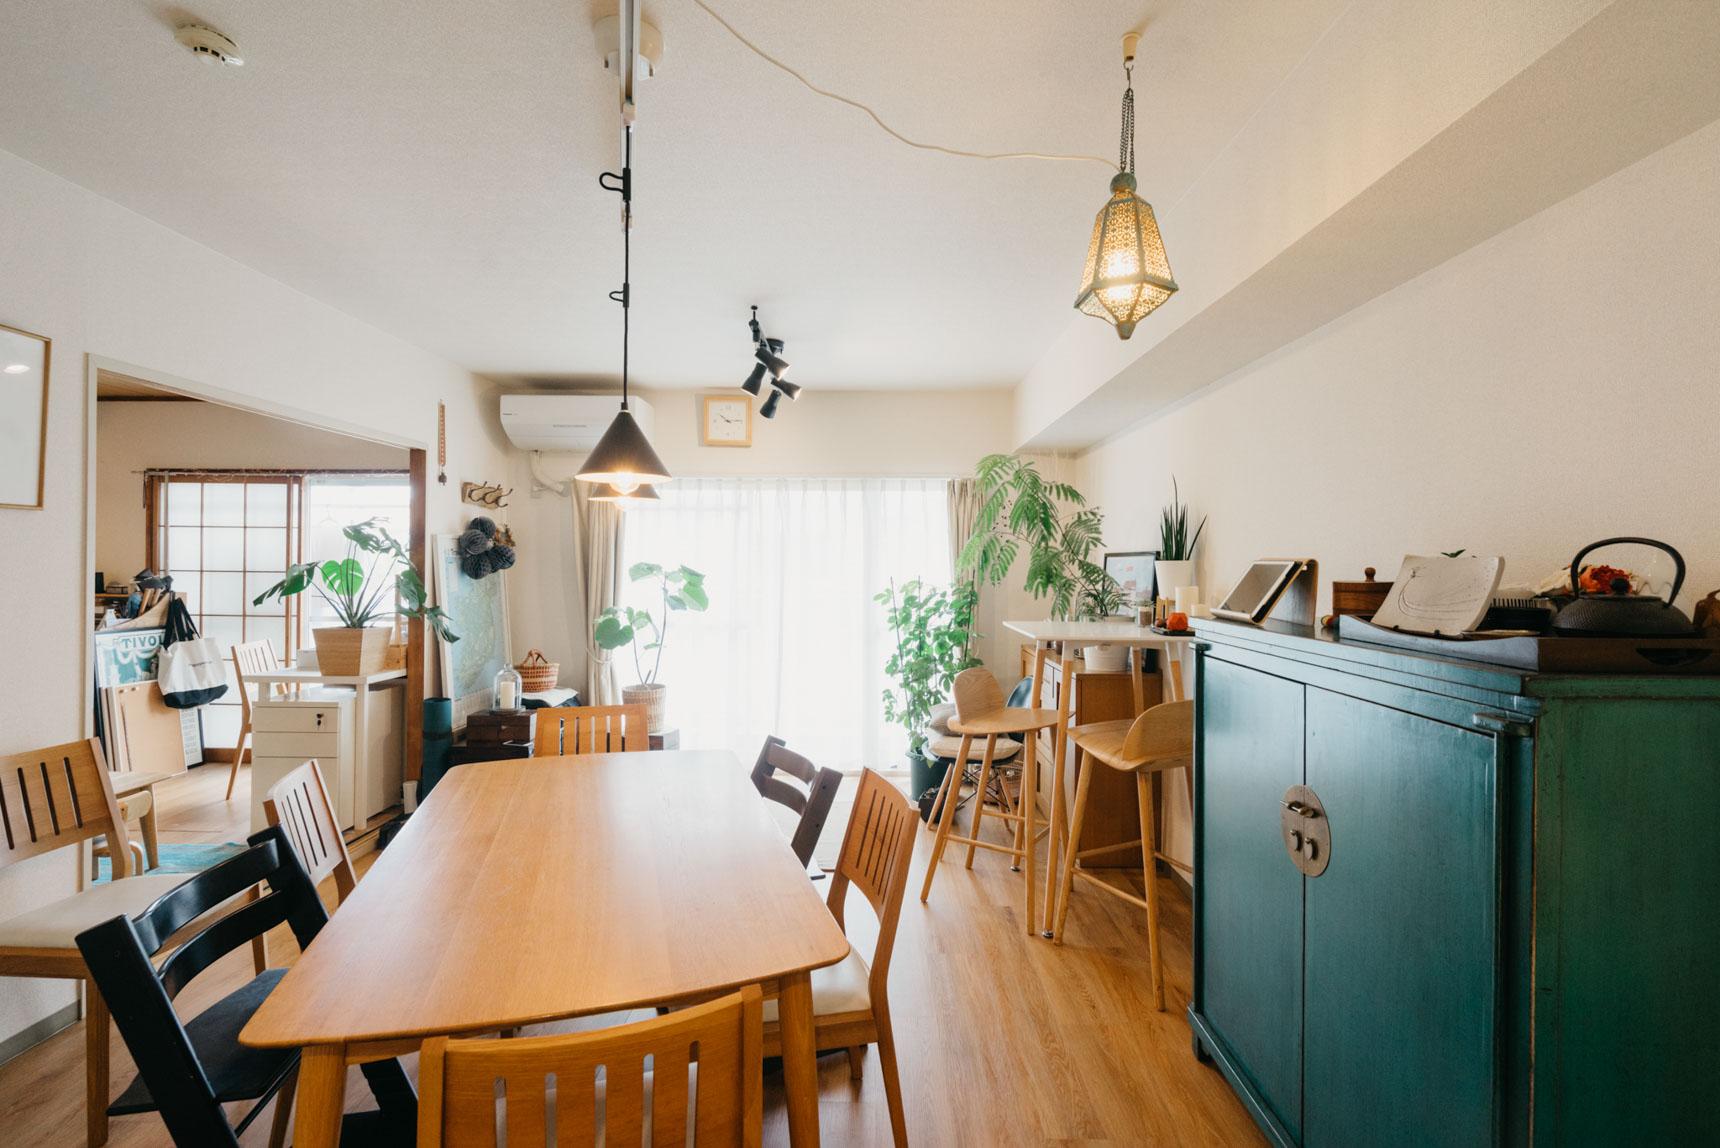 dongurinokoさんが暮らすのは築30年の団地の、80㎡超の3LDKのお部屋。襖をはずし、隣の部屋とひとつづきにしているリビング・ダイニングはとても開放感があります。